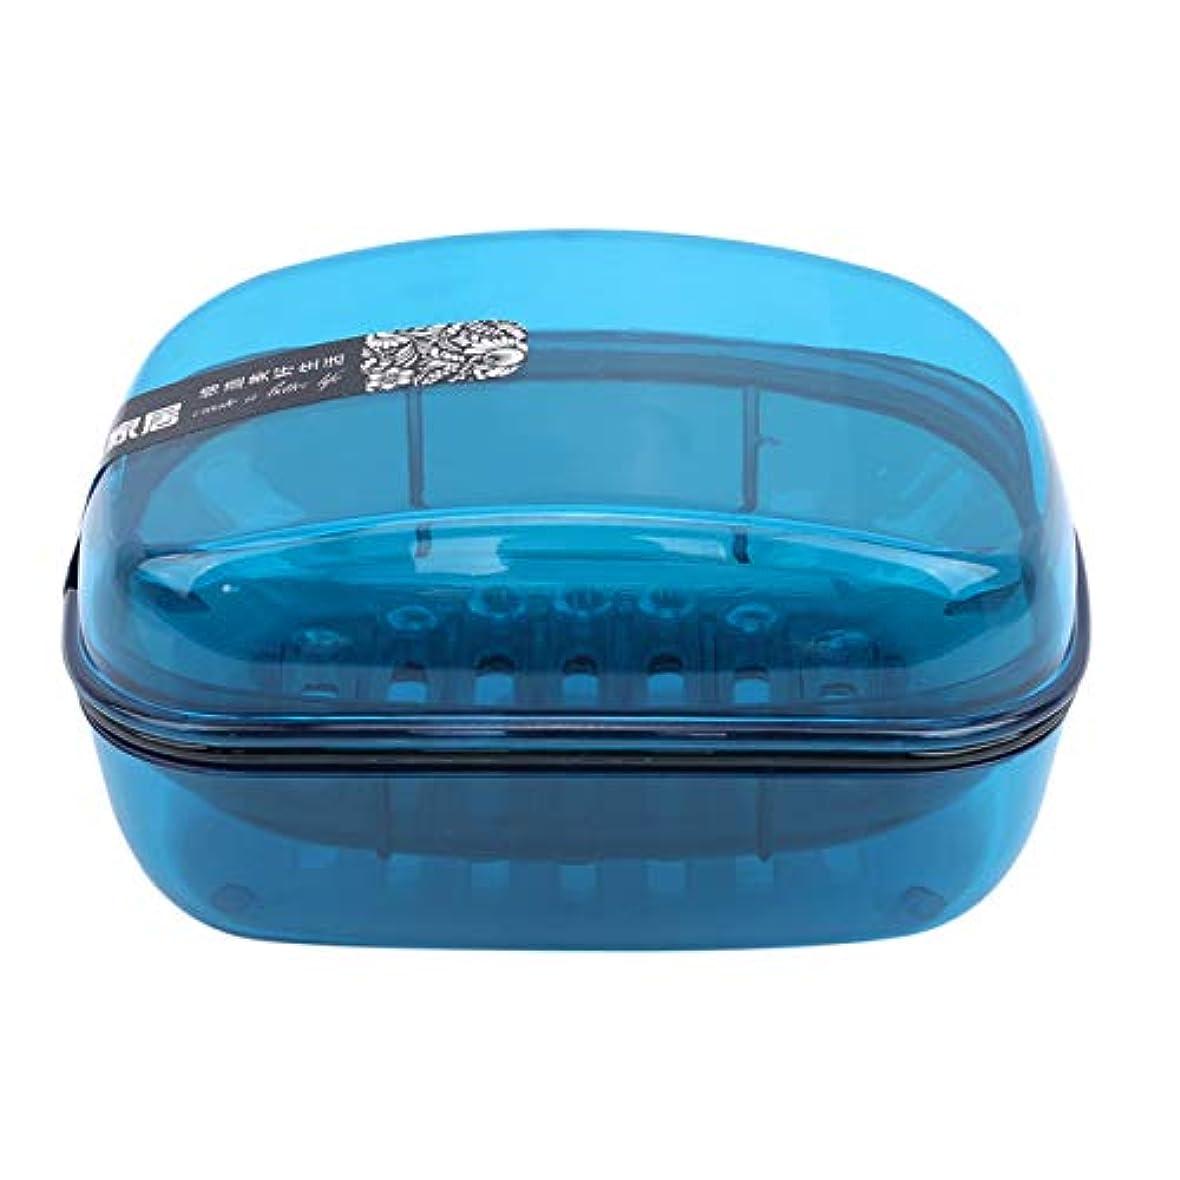 メジャー魅惑的な多くの危険がある状況ZALING石鹸収納ボックス皿バスルームアクセサリーソープボックスケースホルダー付きカバーブルー